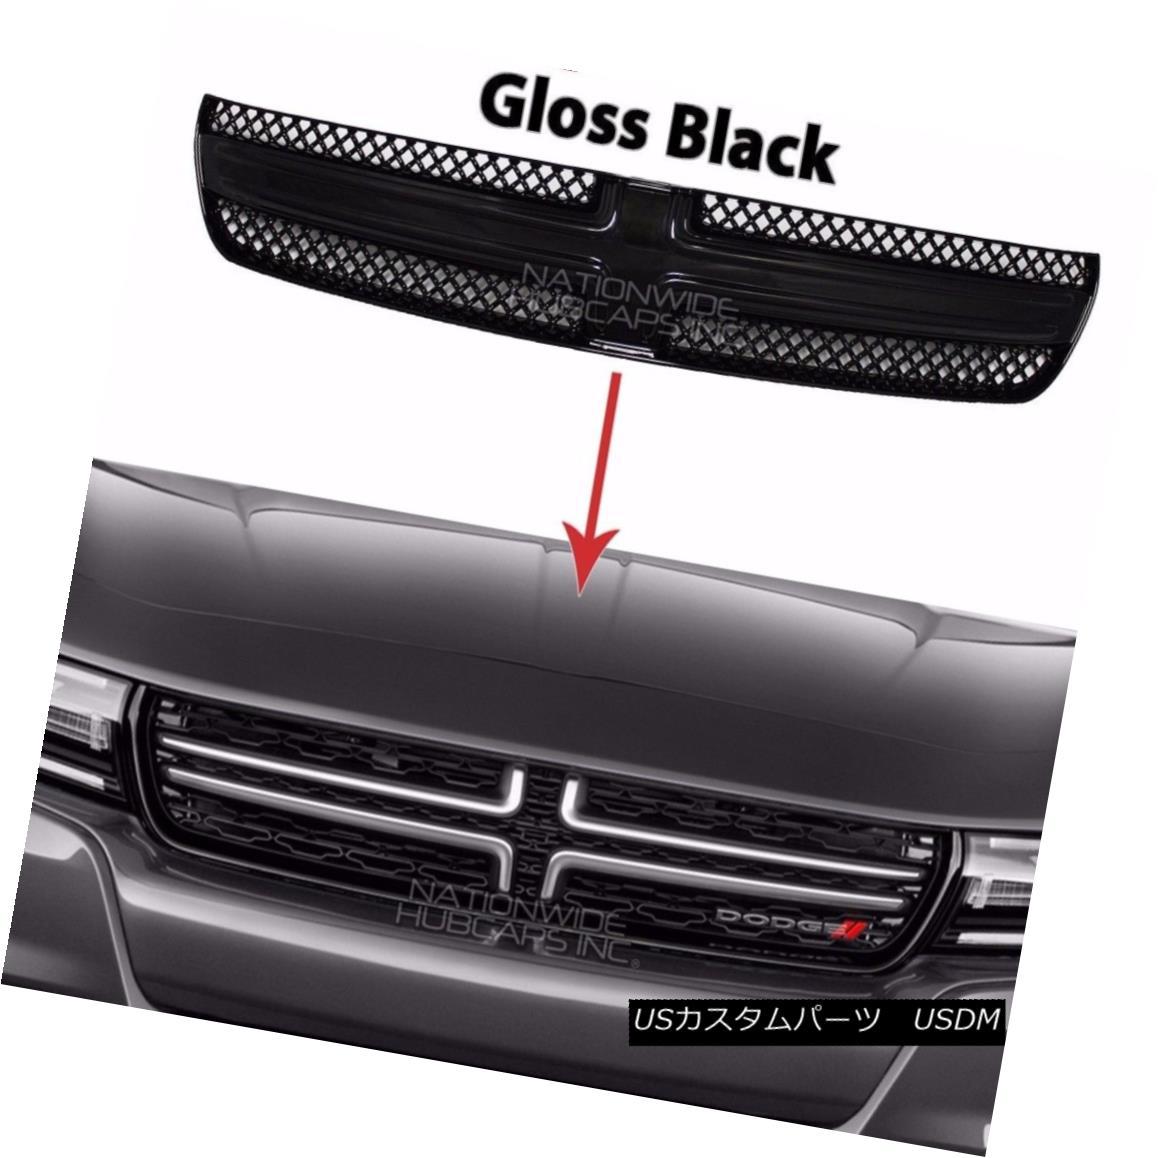 グリル 2015-17 Dodge Charger Gloss Black Grille Overlay Front Full Grill Inserts Covers 2015-17ダッジチャージャーグロスブラックグリルオーバーレイフロントフルグリルインサートカバー